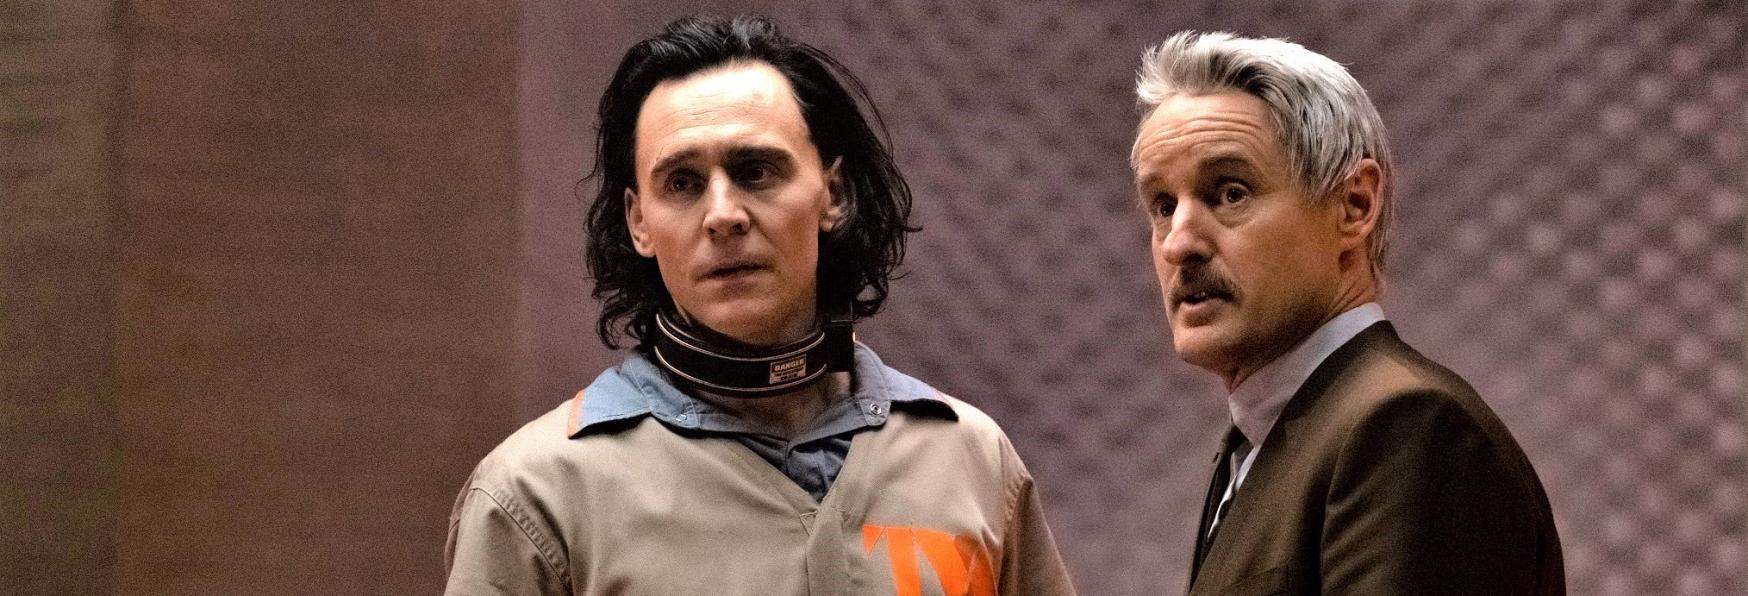 """Loki sarà ancora più """"Folle"""" di WandaVision. Le Parole dell'Autore"""